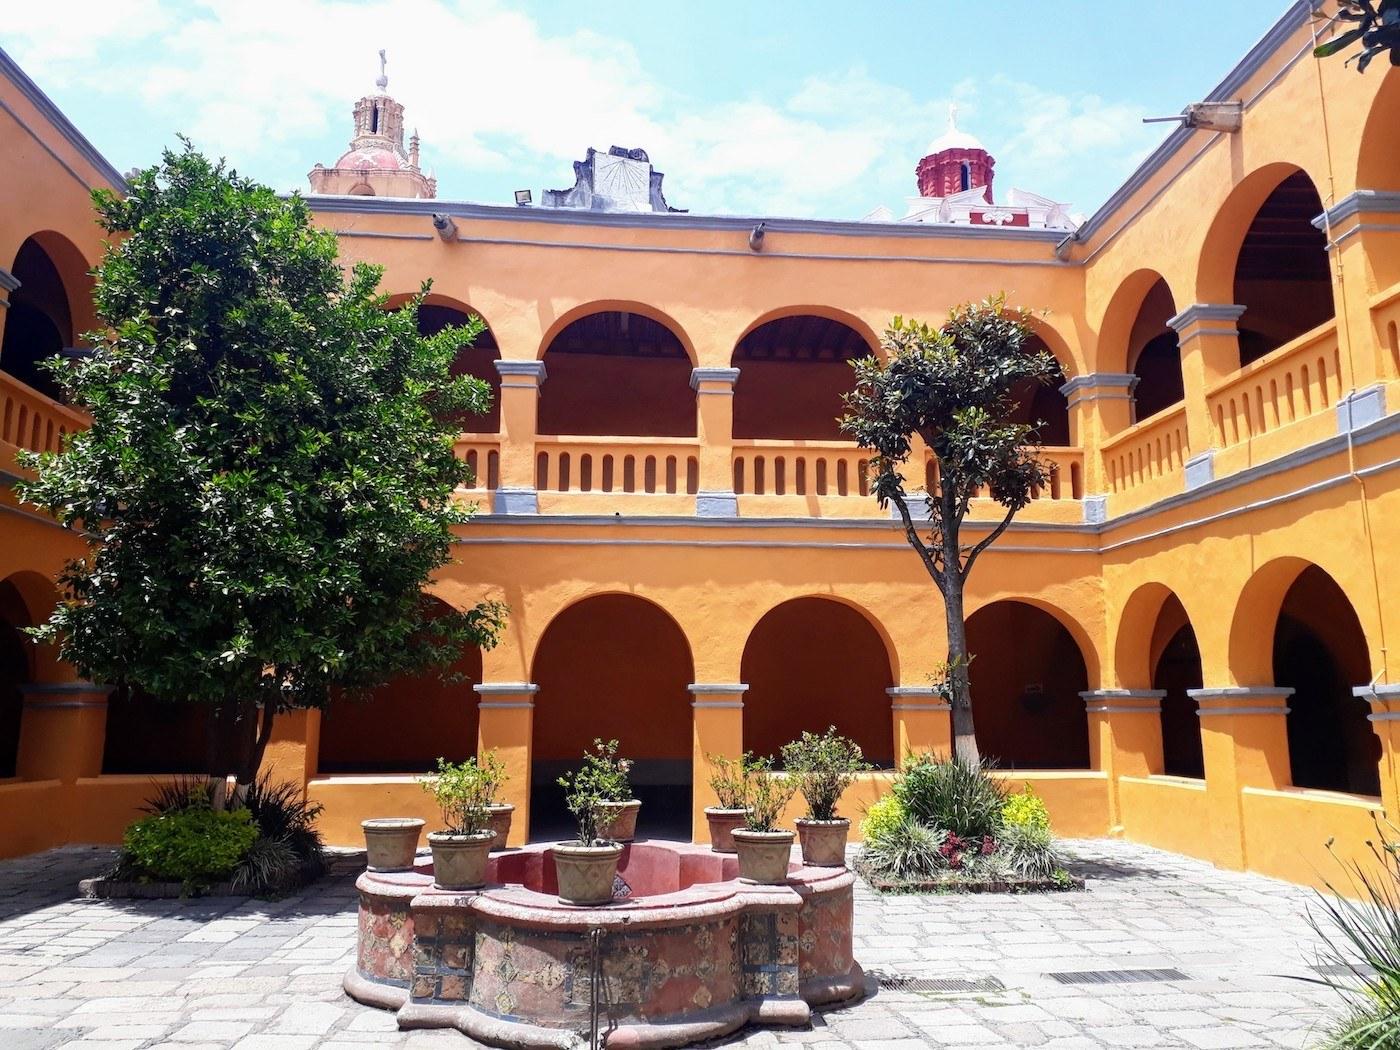 Parroquia de San Agustin de las Cuevas